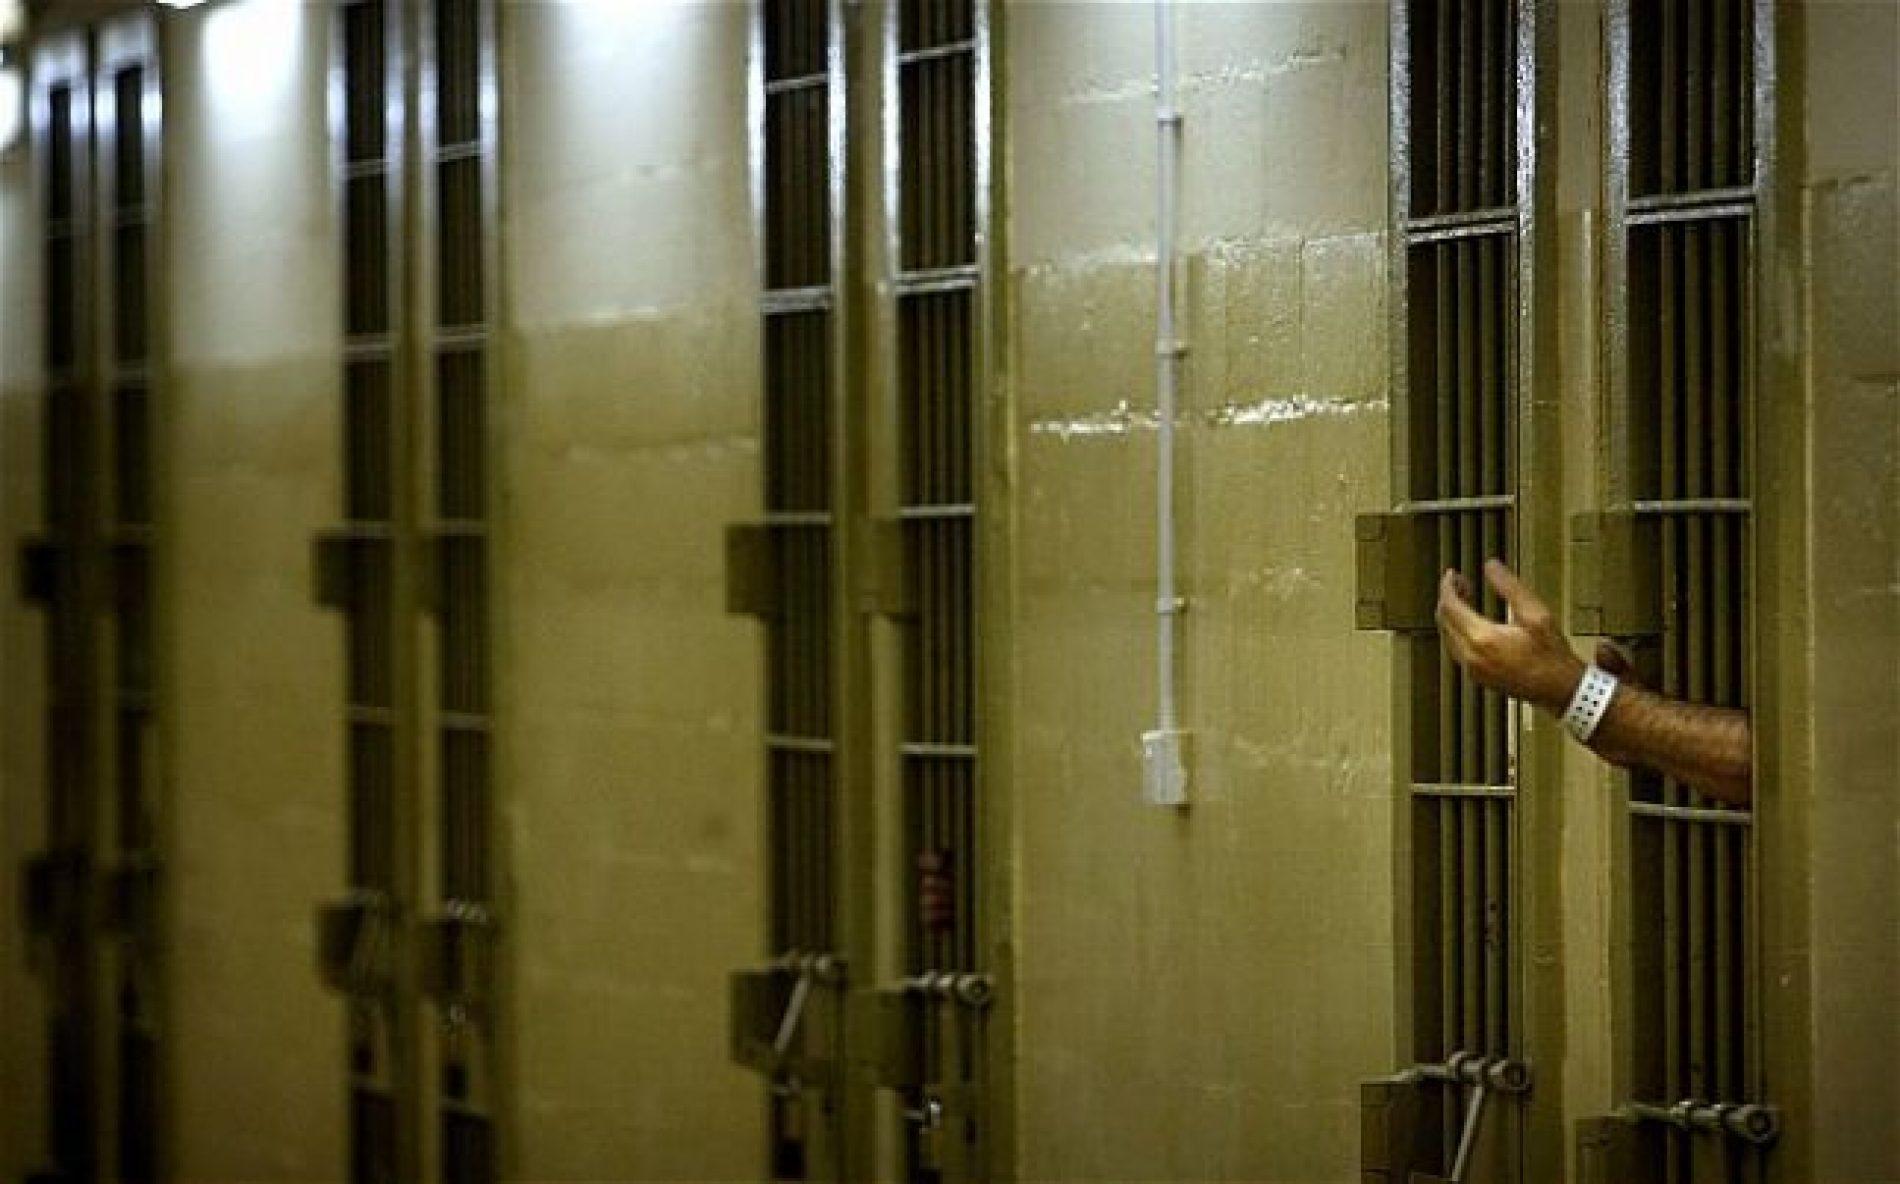 Të burgosurit në grevë urie në burgjet e Maqedonisë